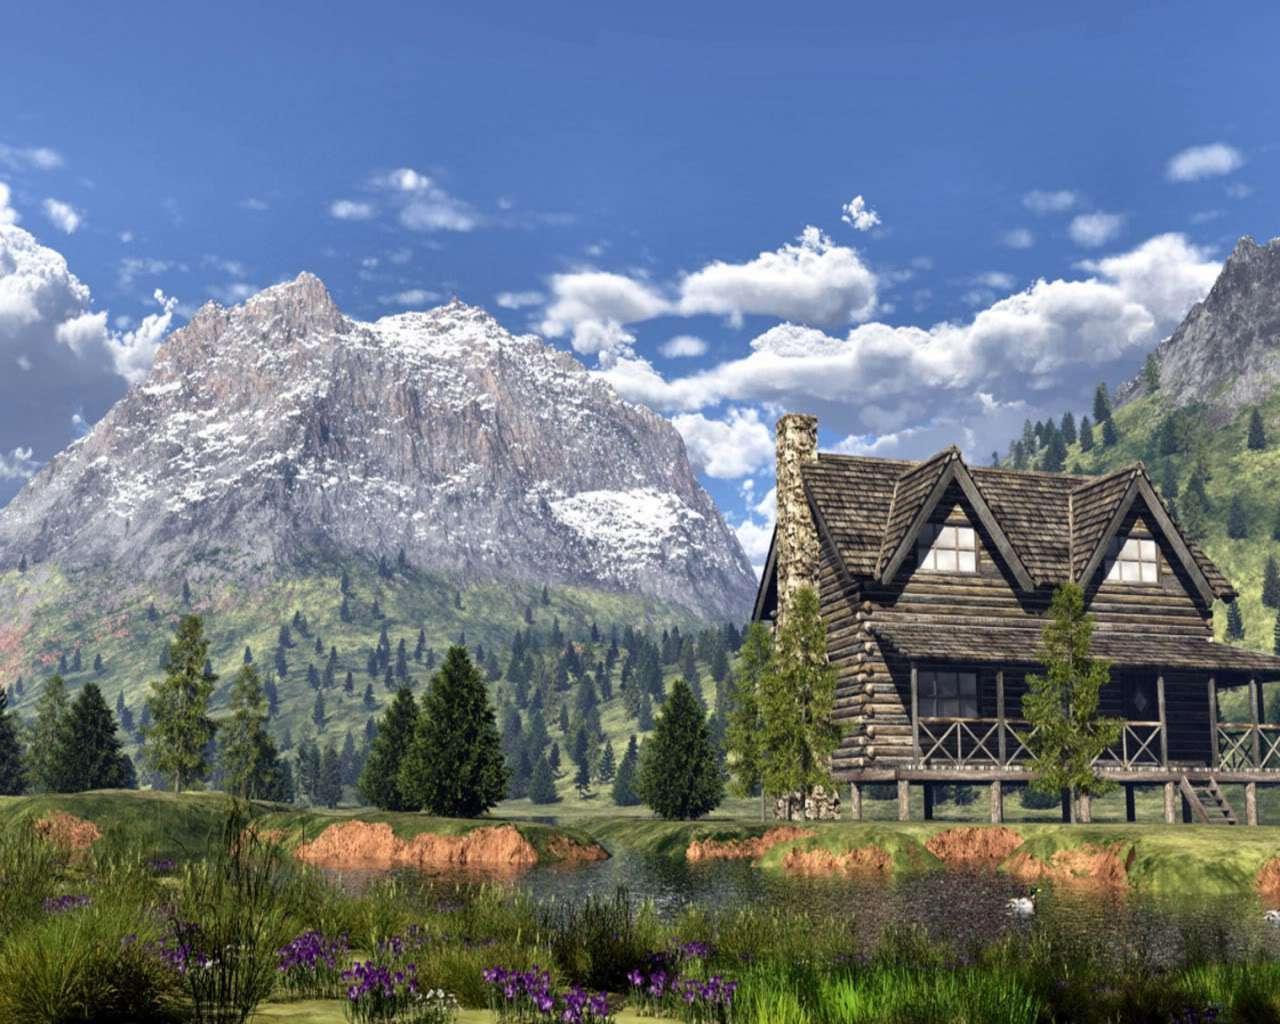 Mountain Cabin Wallpaper Best Hd Wallpapers 1280x1024